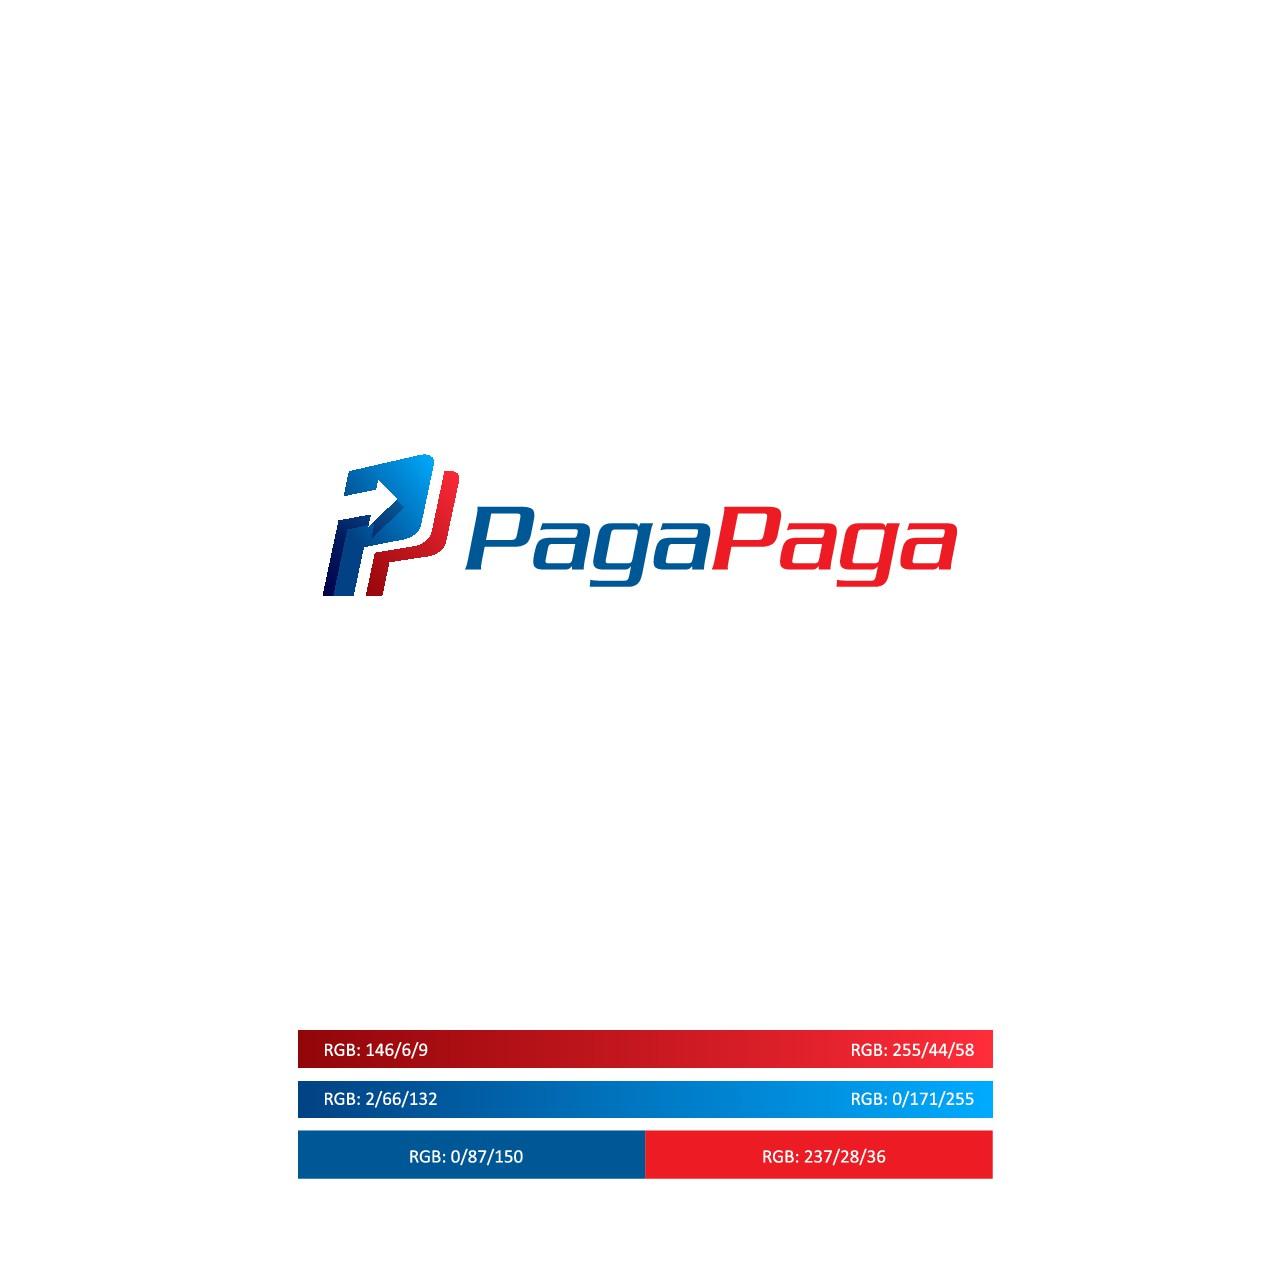 Our revolutionary payment platform needs a logo!